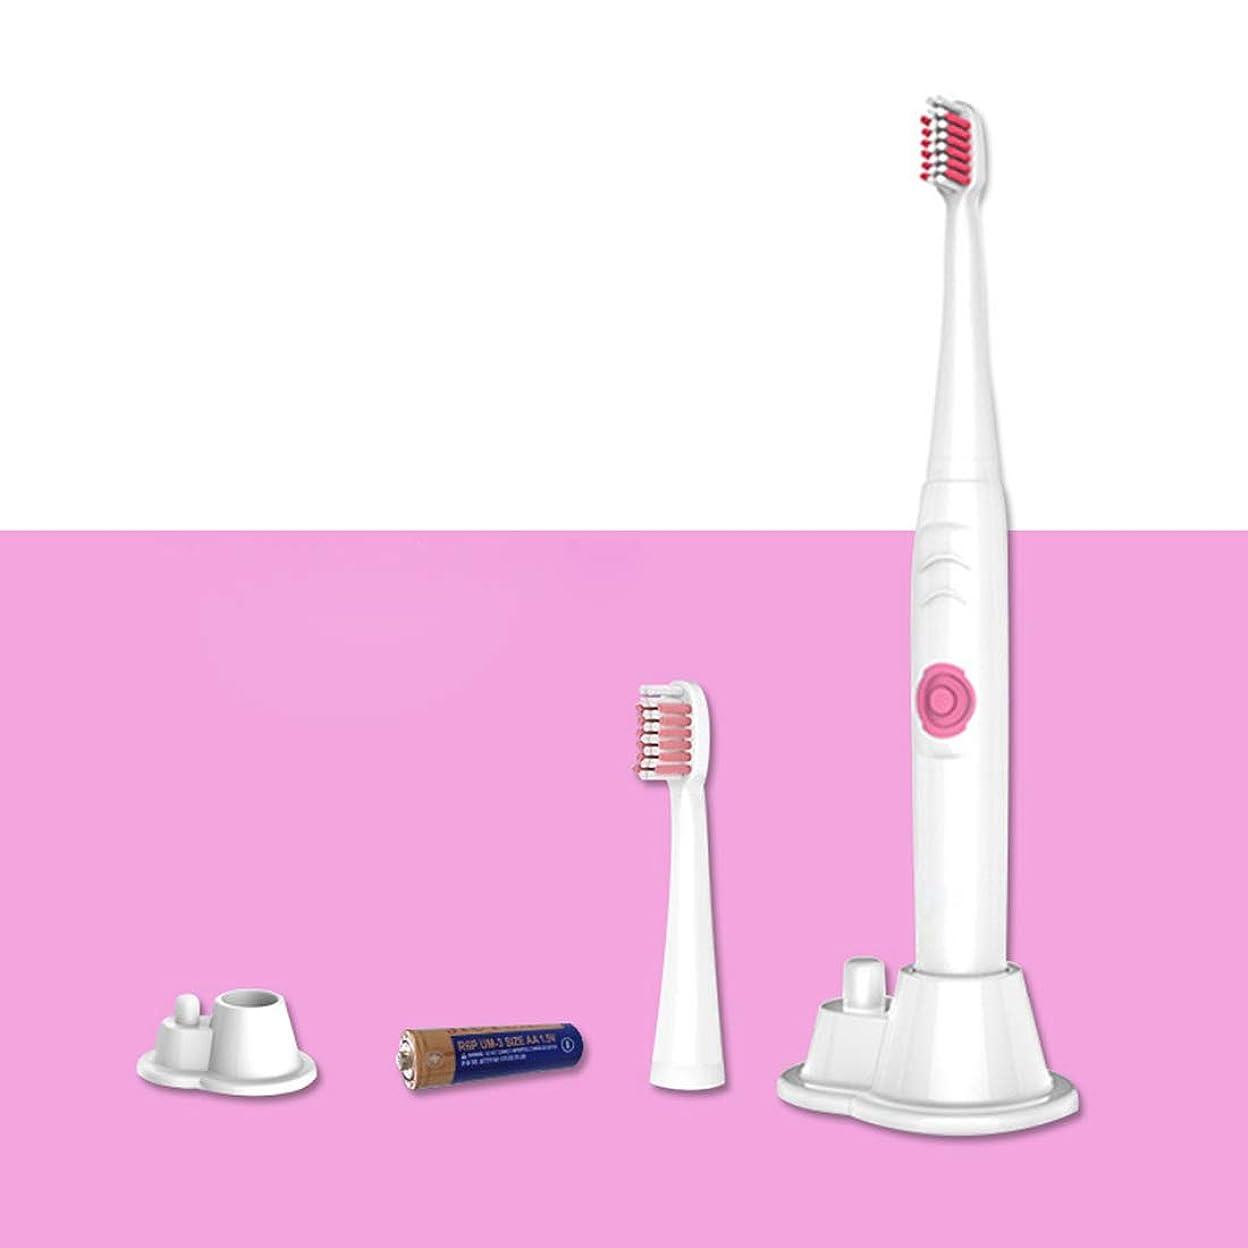 円形南達成電動歯ブラシ大人の子供のための、 2つの取り替えの頭部の歯ブラシIPX7の防水電池